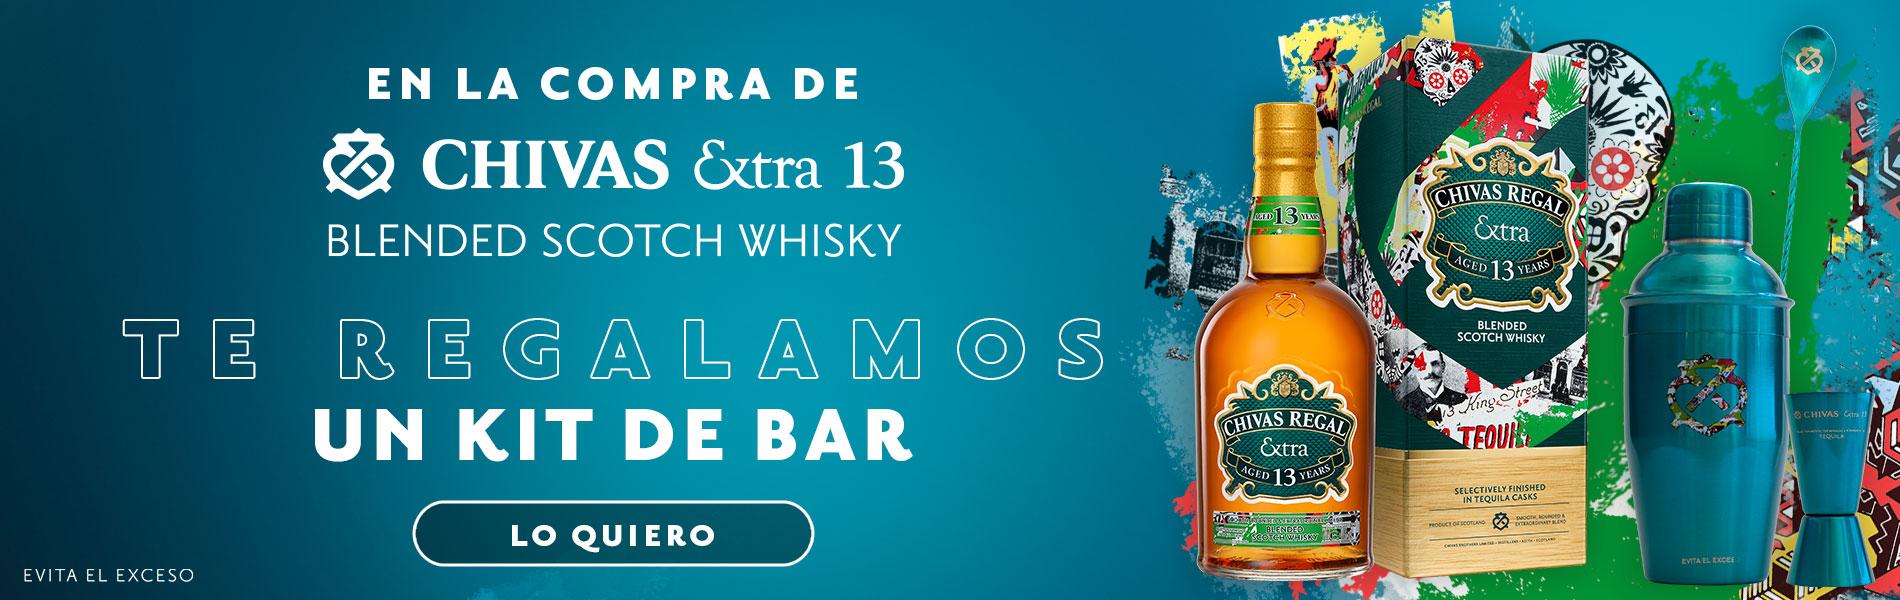 Chivas 13